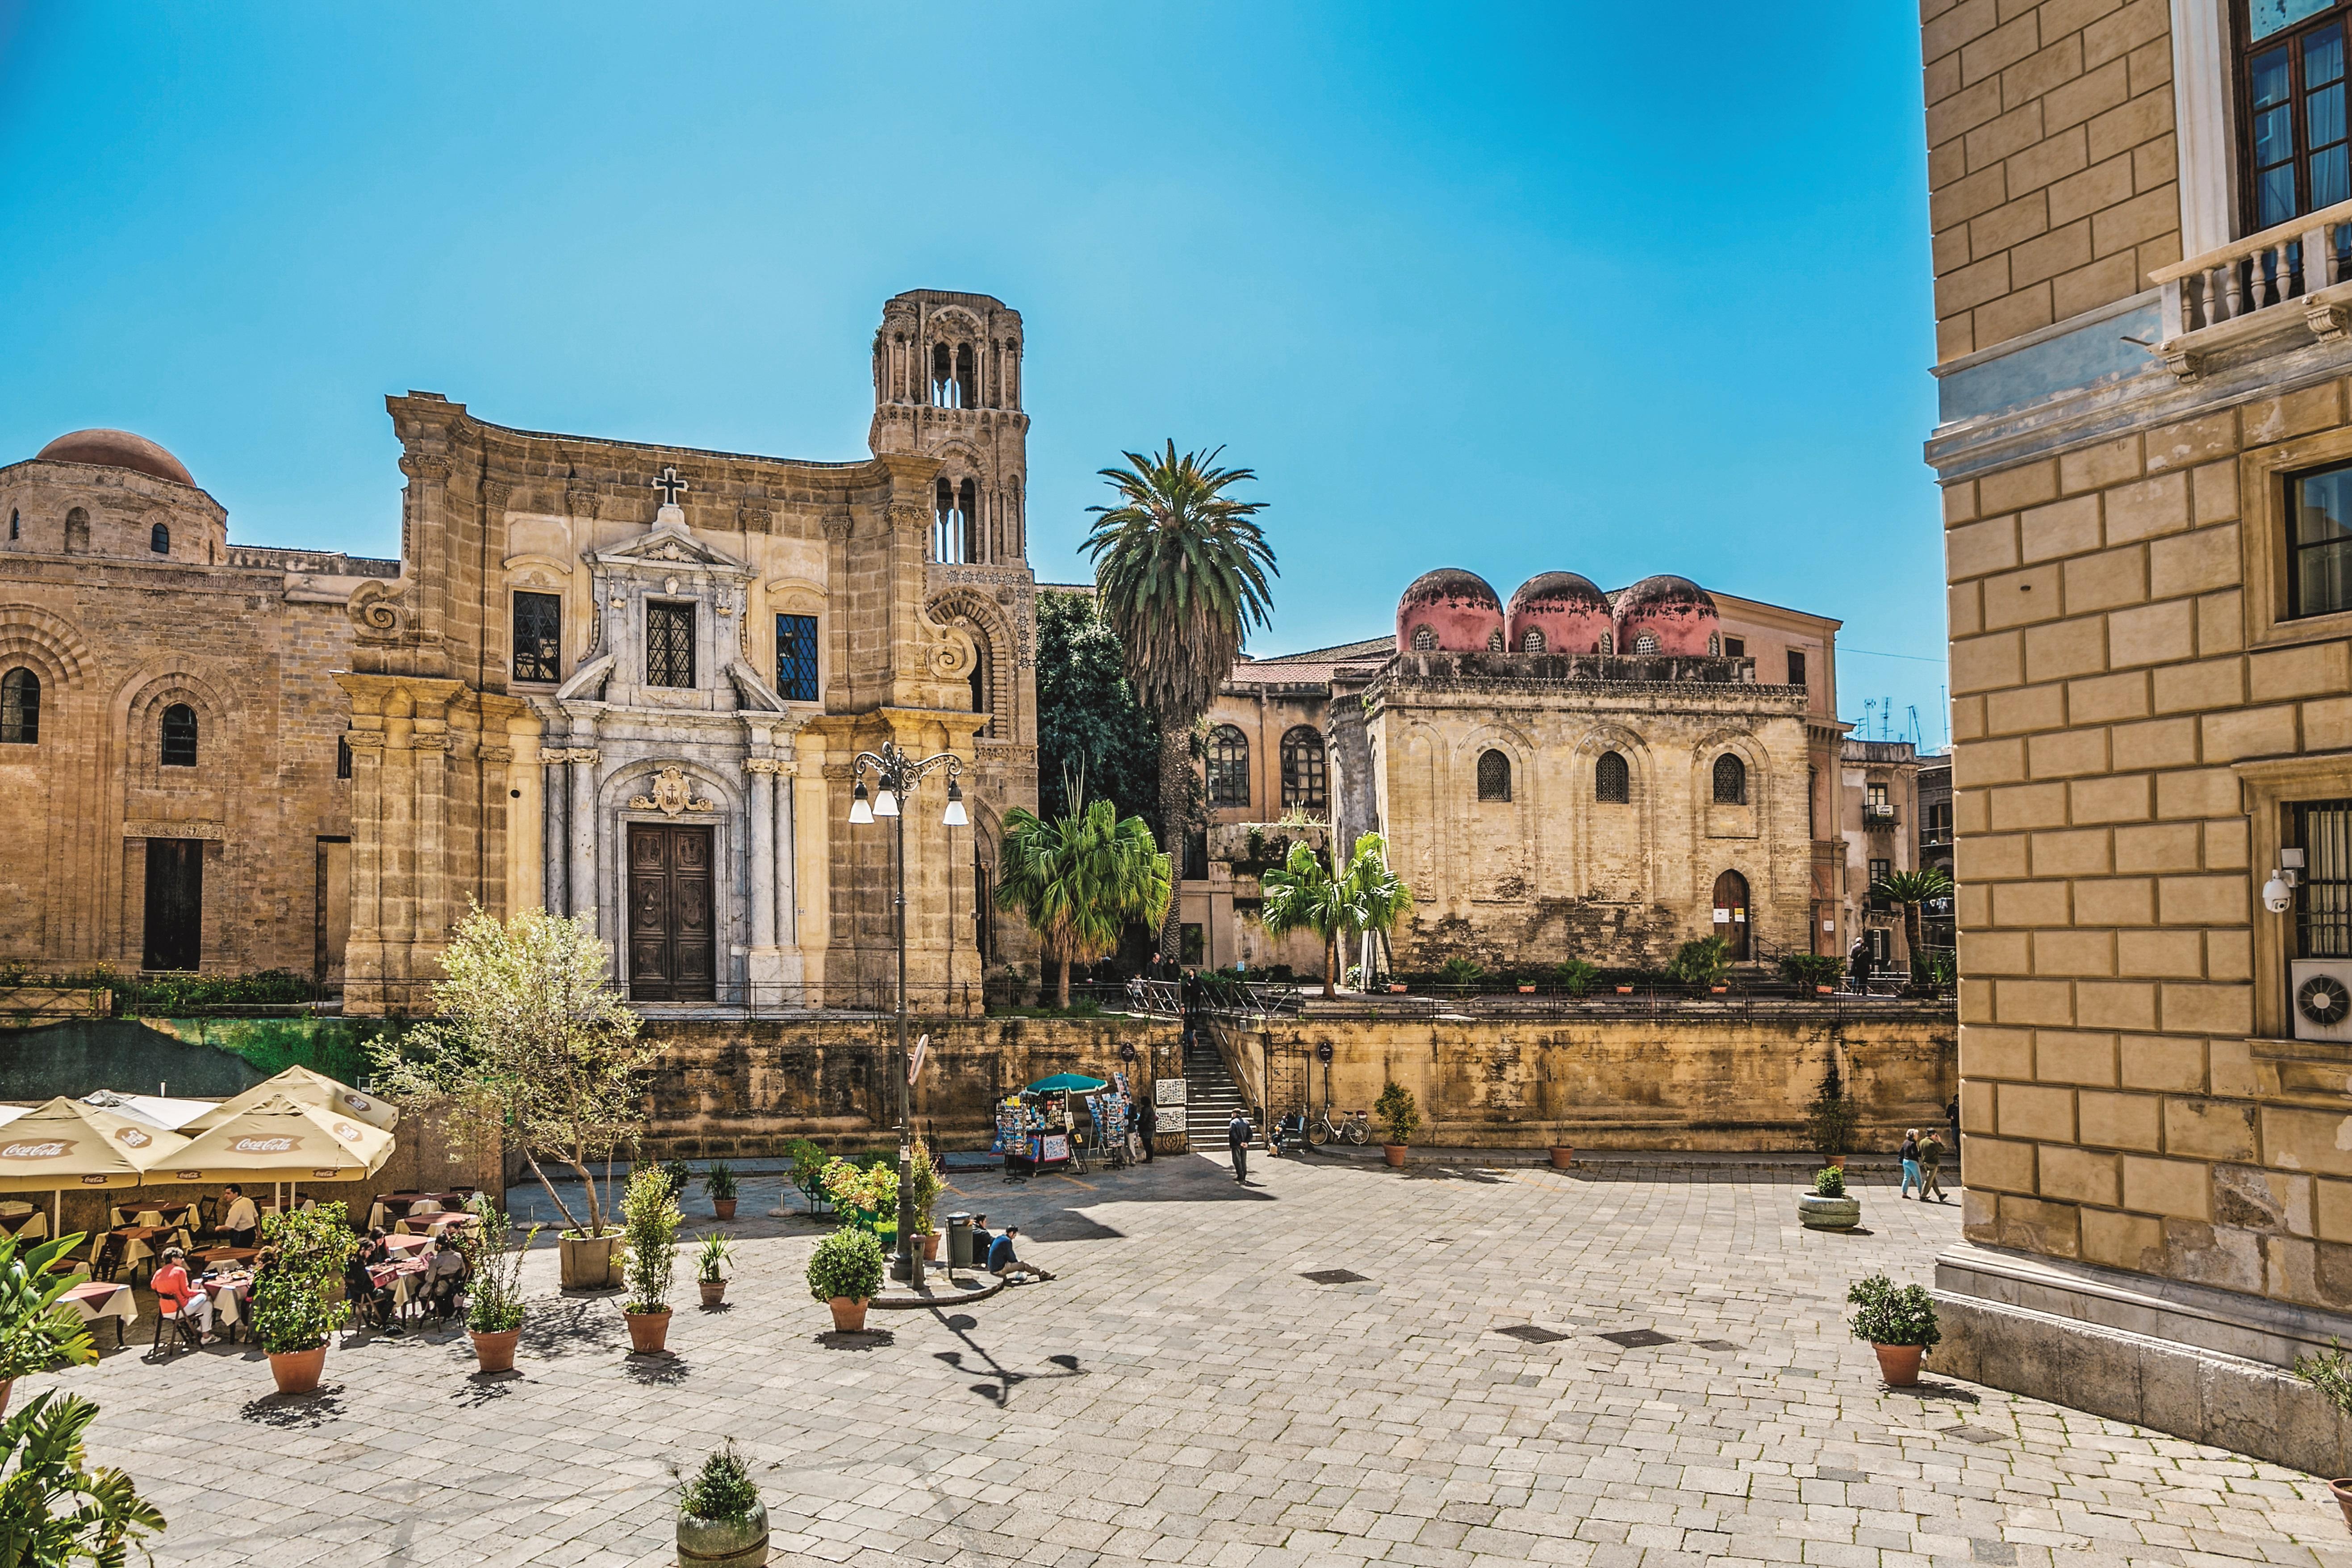 Piazza Bellini Square, Palermo